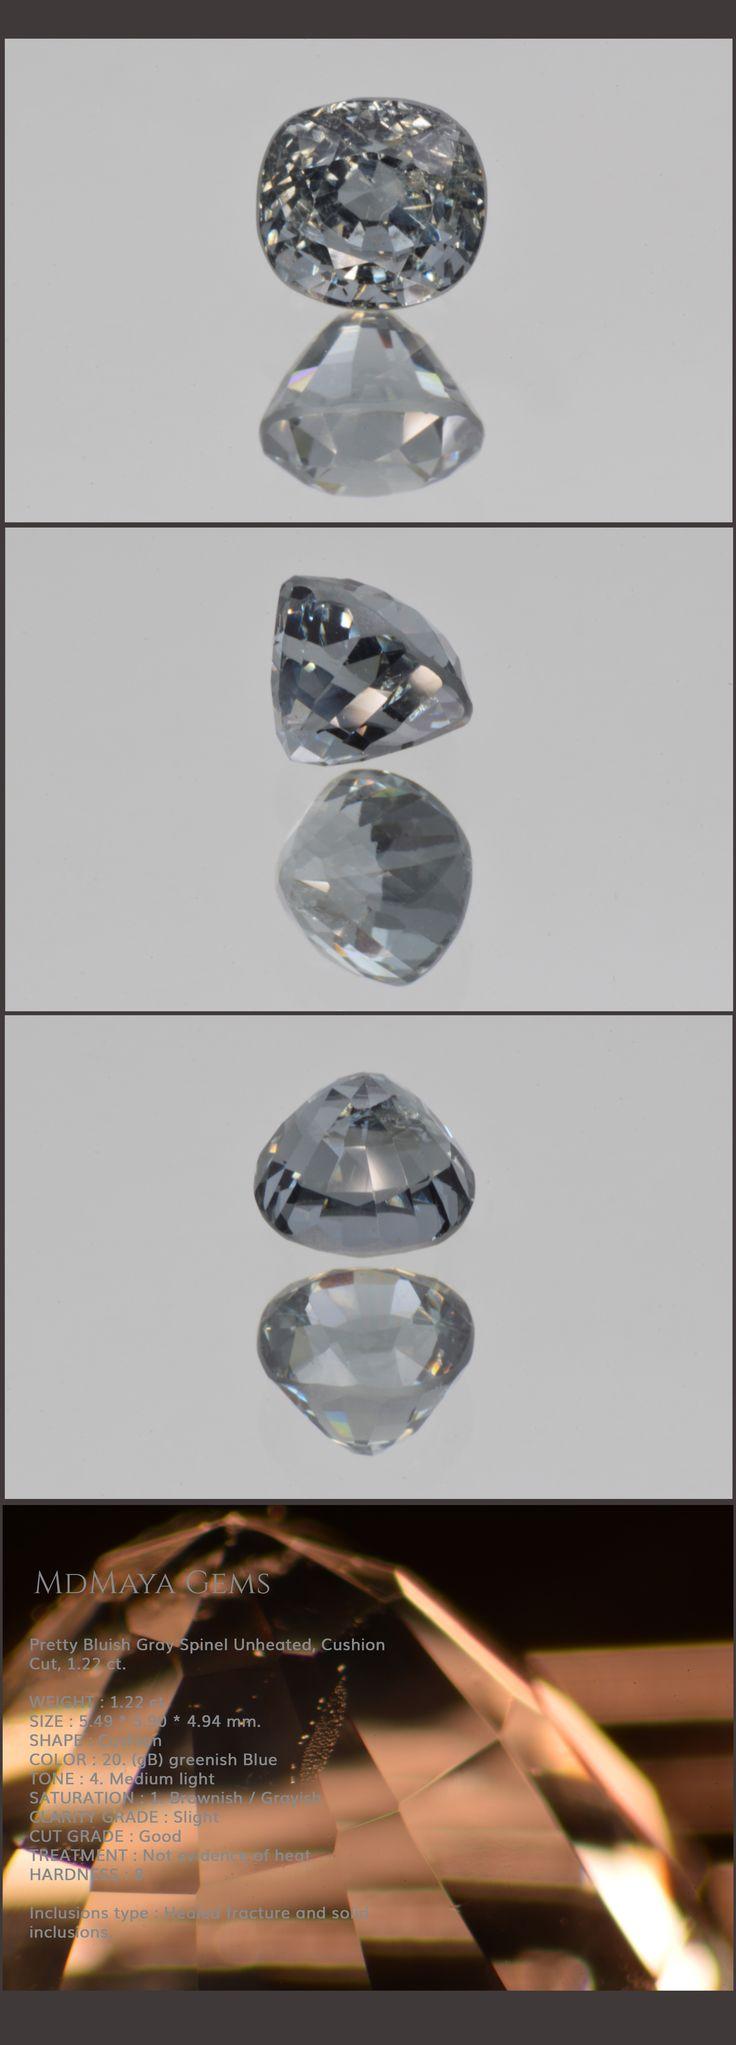 Pretty Bluish Grey Spinel Unheated, Cushion Cut, 1.22 ct. Loose Gemstones for sale MdMaya Gems